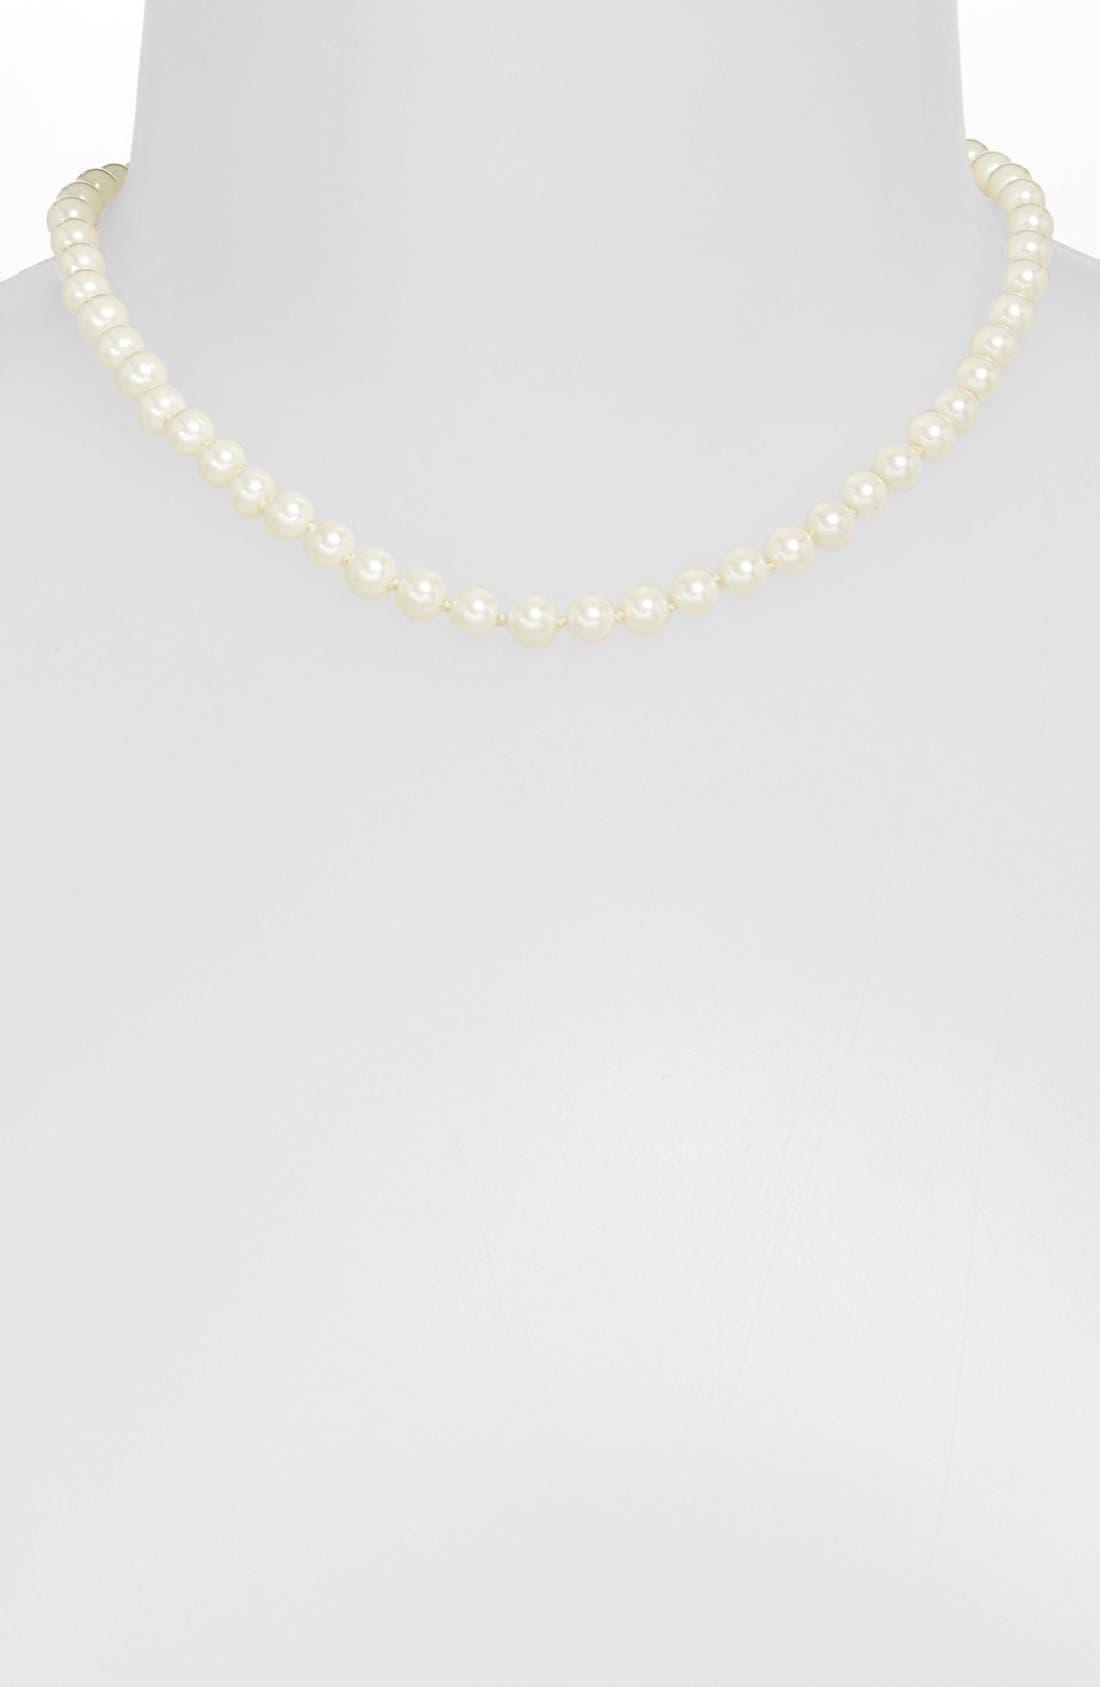 Main Image - Lauren Ralph Lauren Glass Pearl Necklace